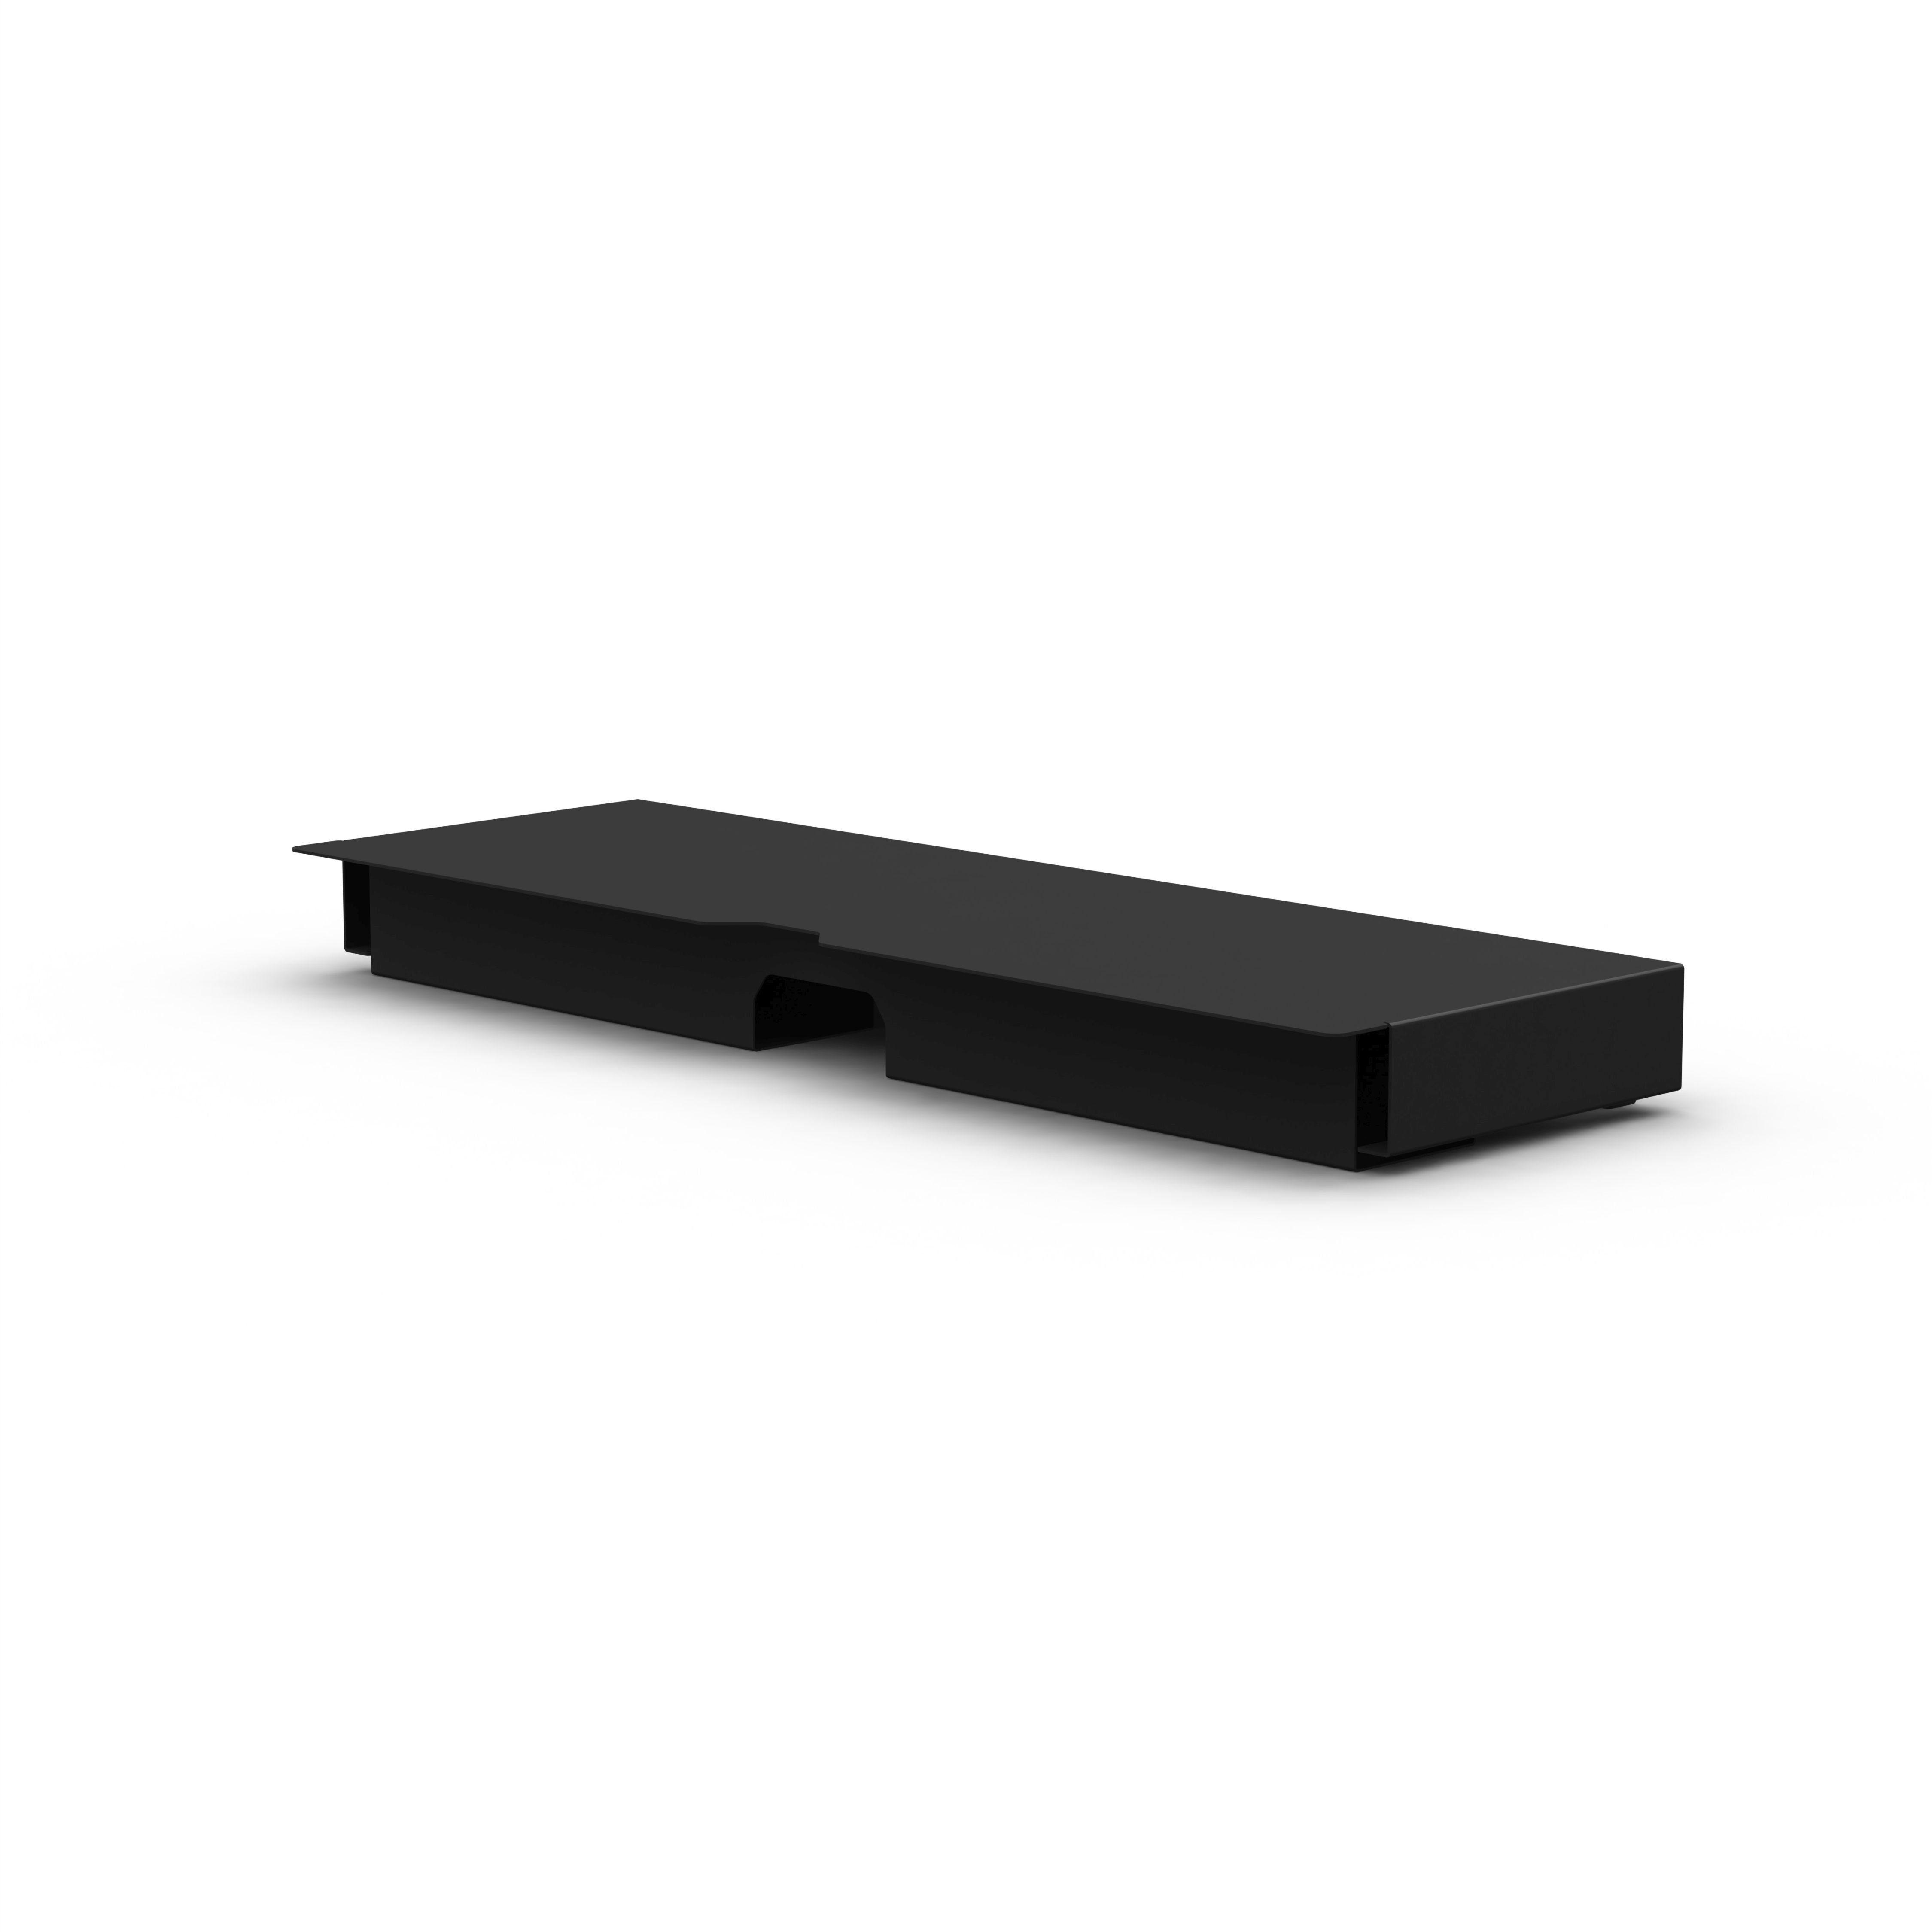 FLEXSON TV Ständer »TV Ständer für SONOS PLAYBAR«